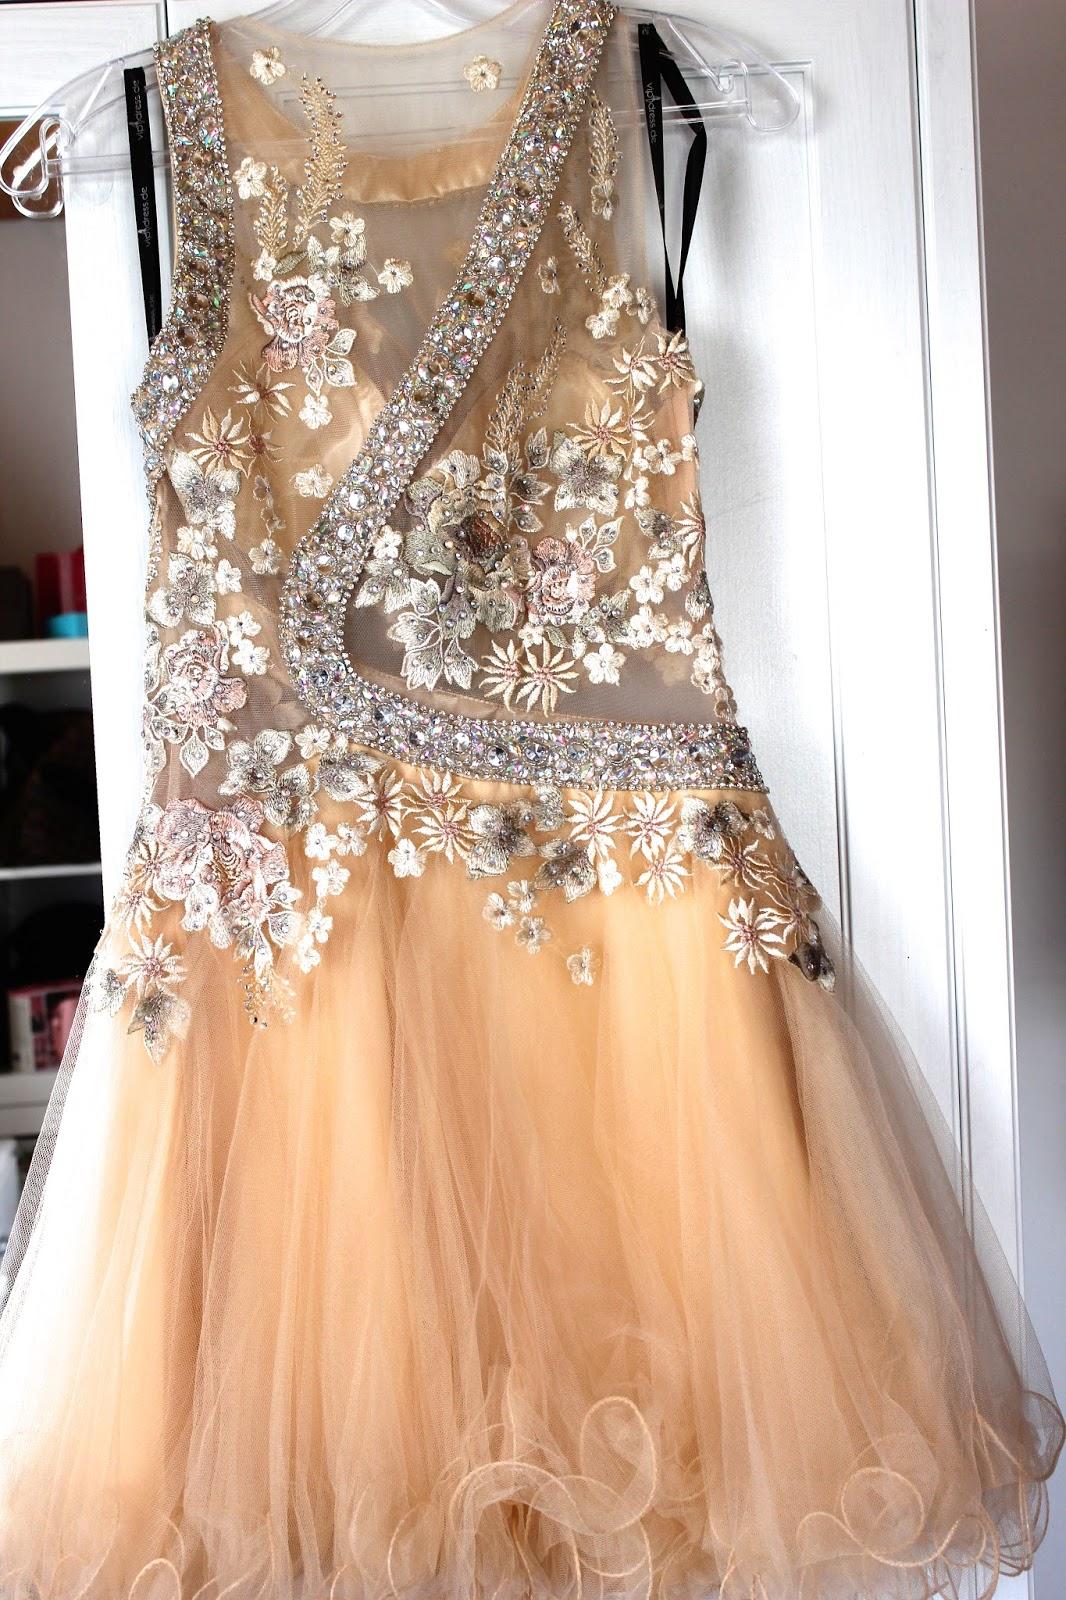 Ziemlich Finden Mich Ein Kleid Bilder - Brautkleider Ideen ...